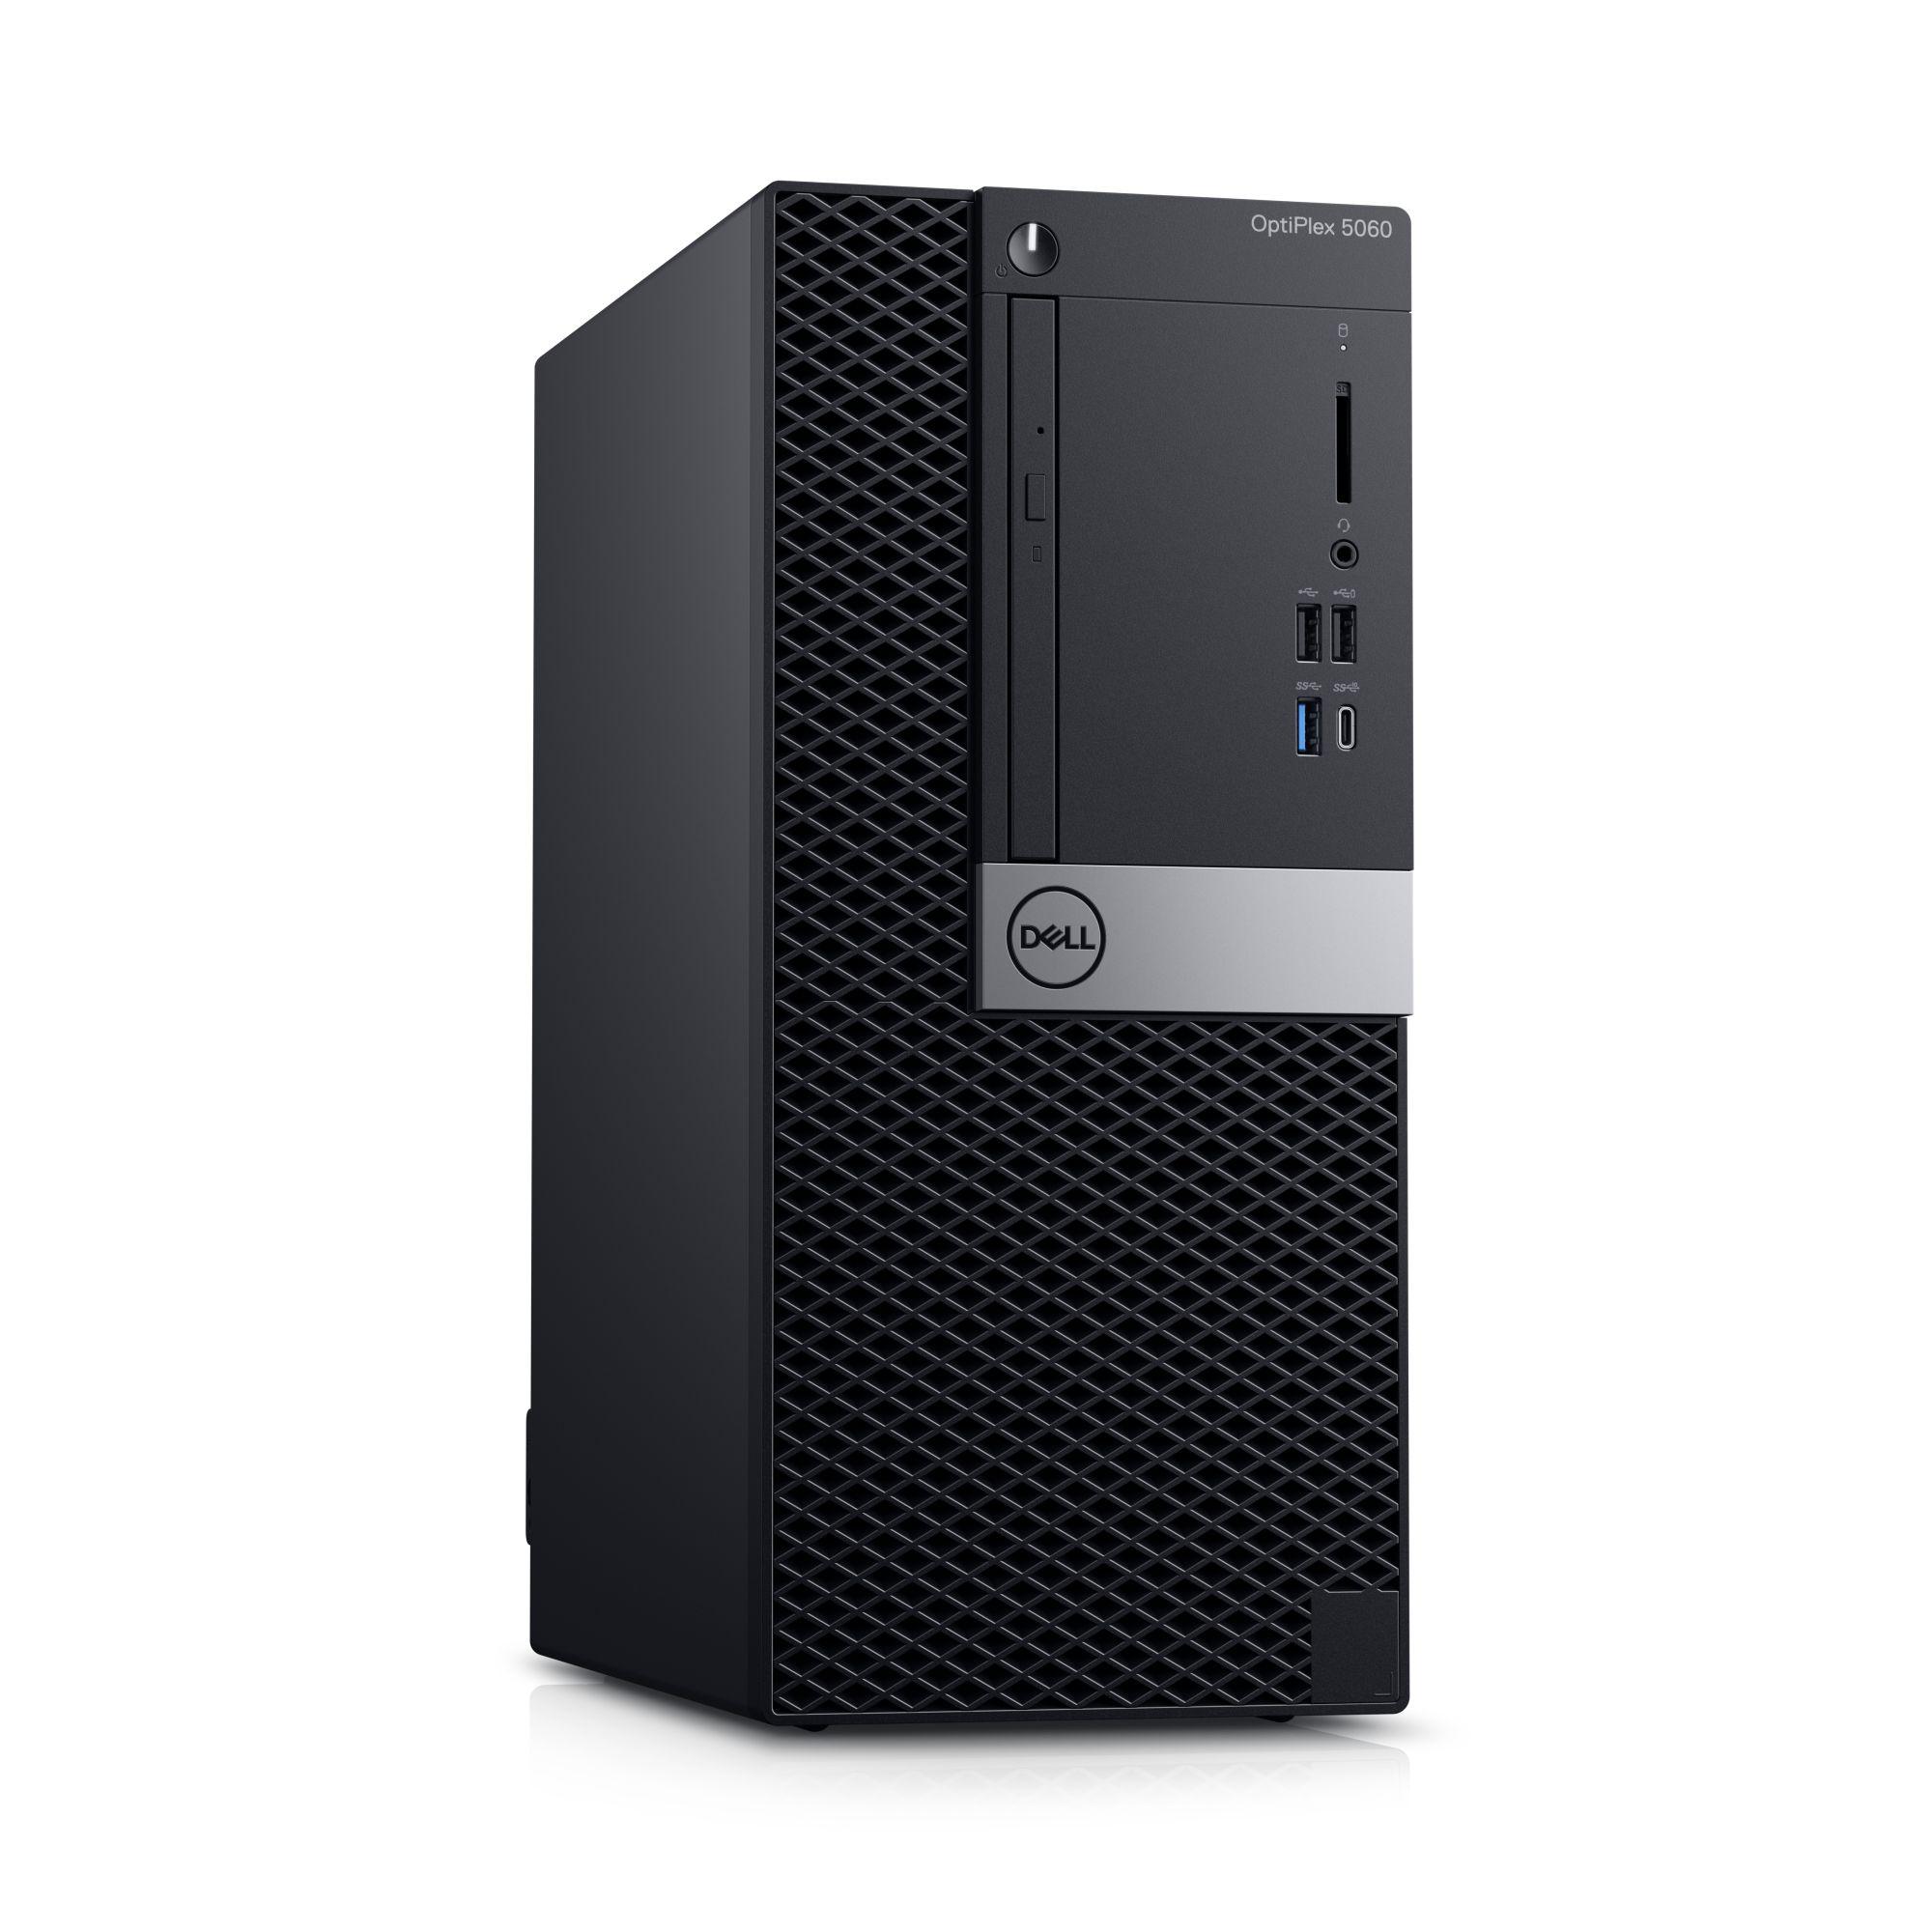 Dell Optiplex 5060 MT i7-8700/8GB/256GB SSD/DP/W10P/3RNBD/Černý